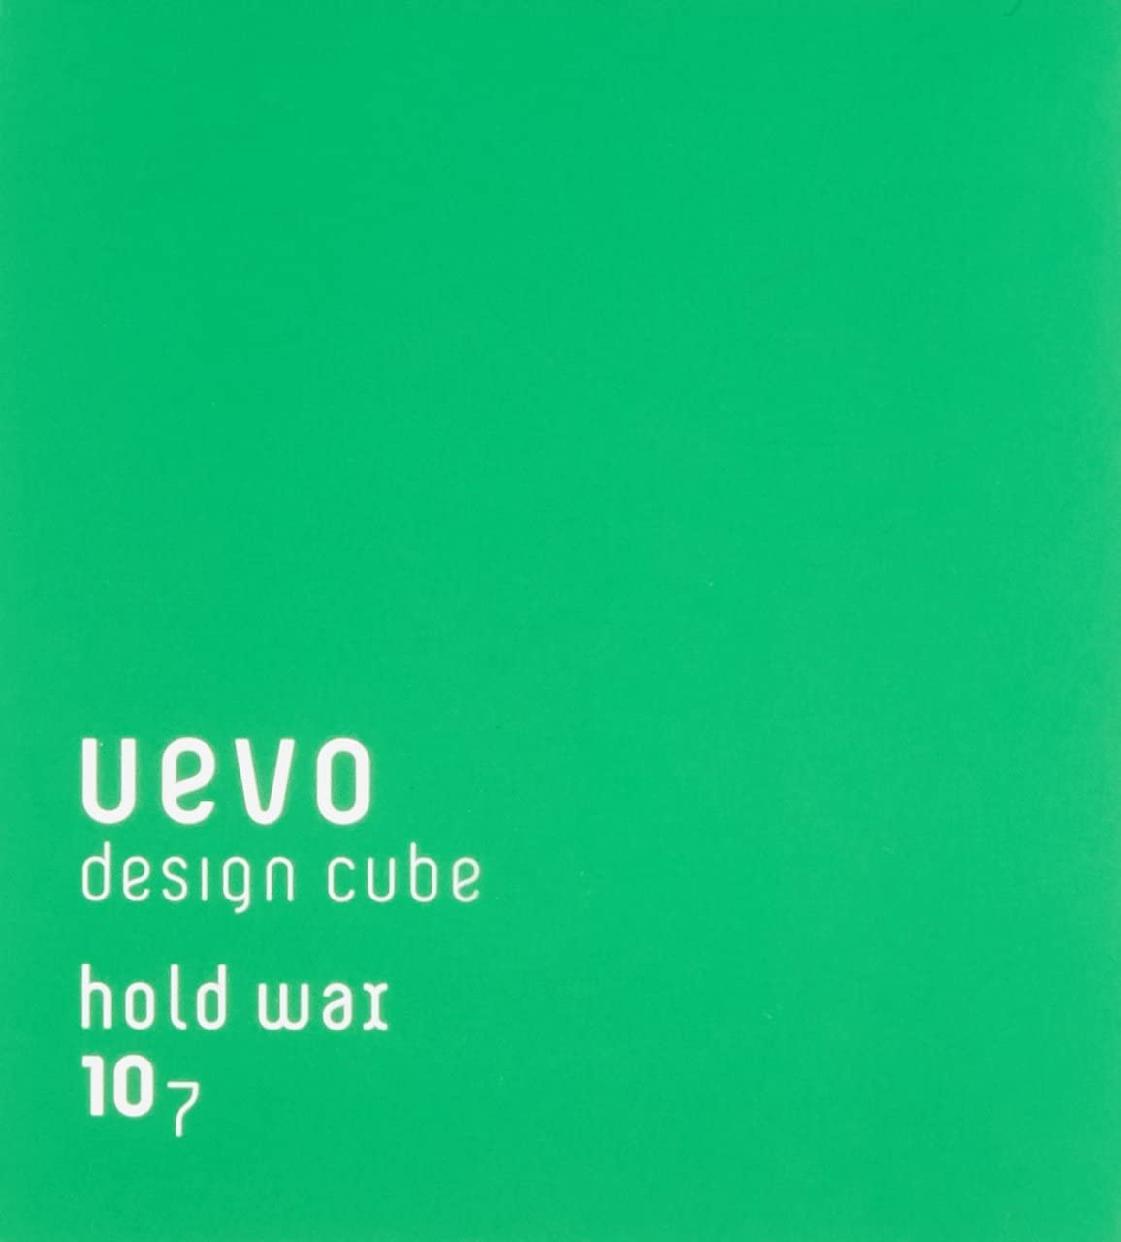 uevo design cube(ウェーボ デザインキューブ)ホールドワックスの商品画像2